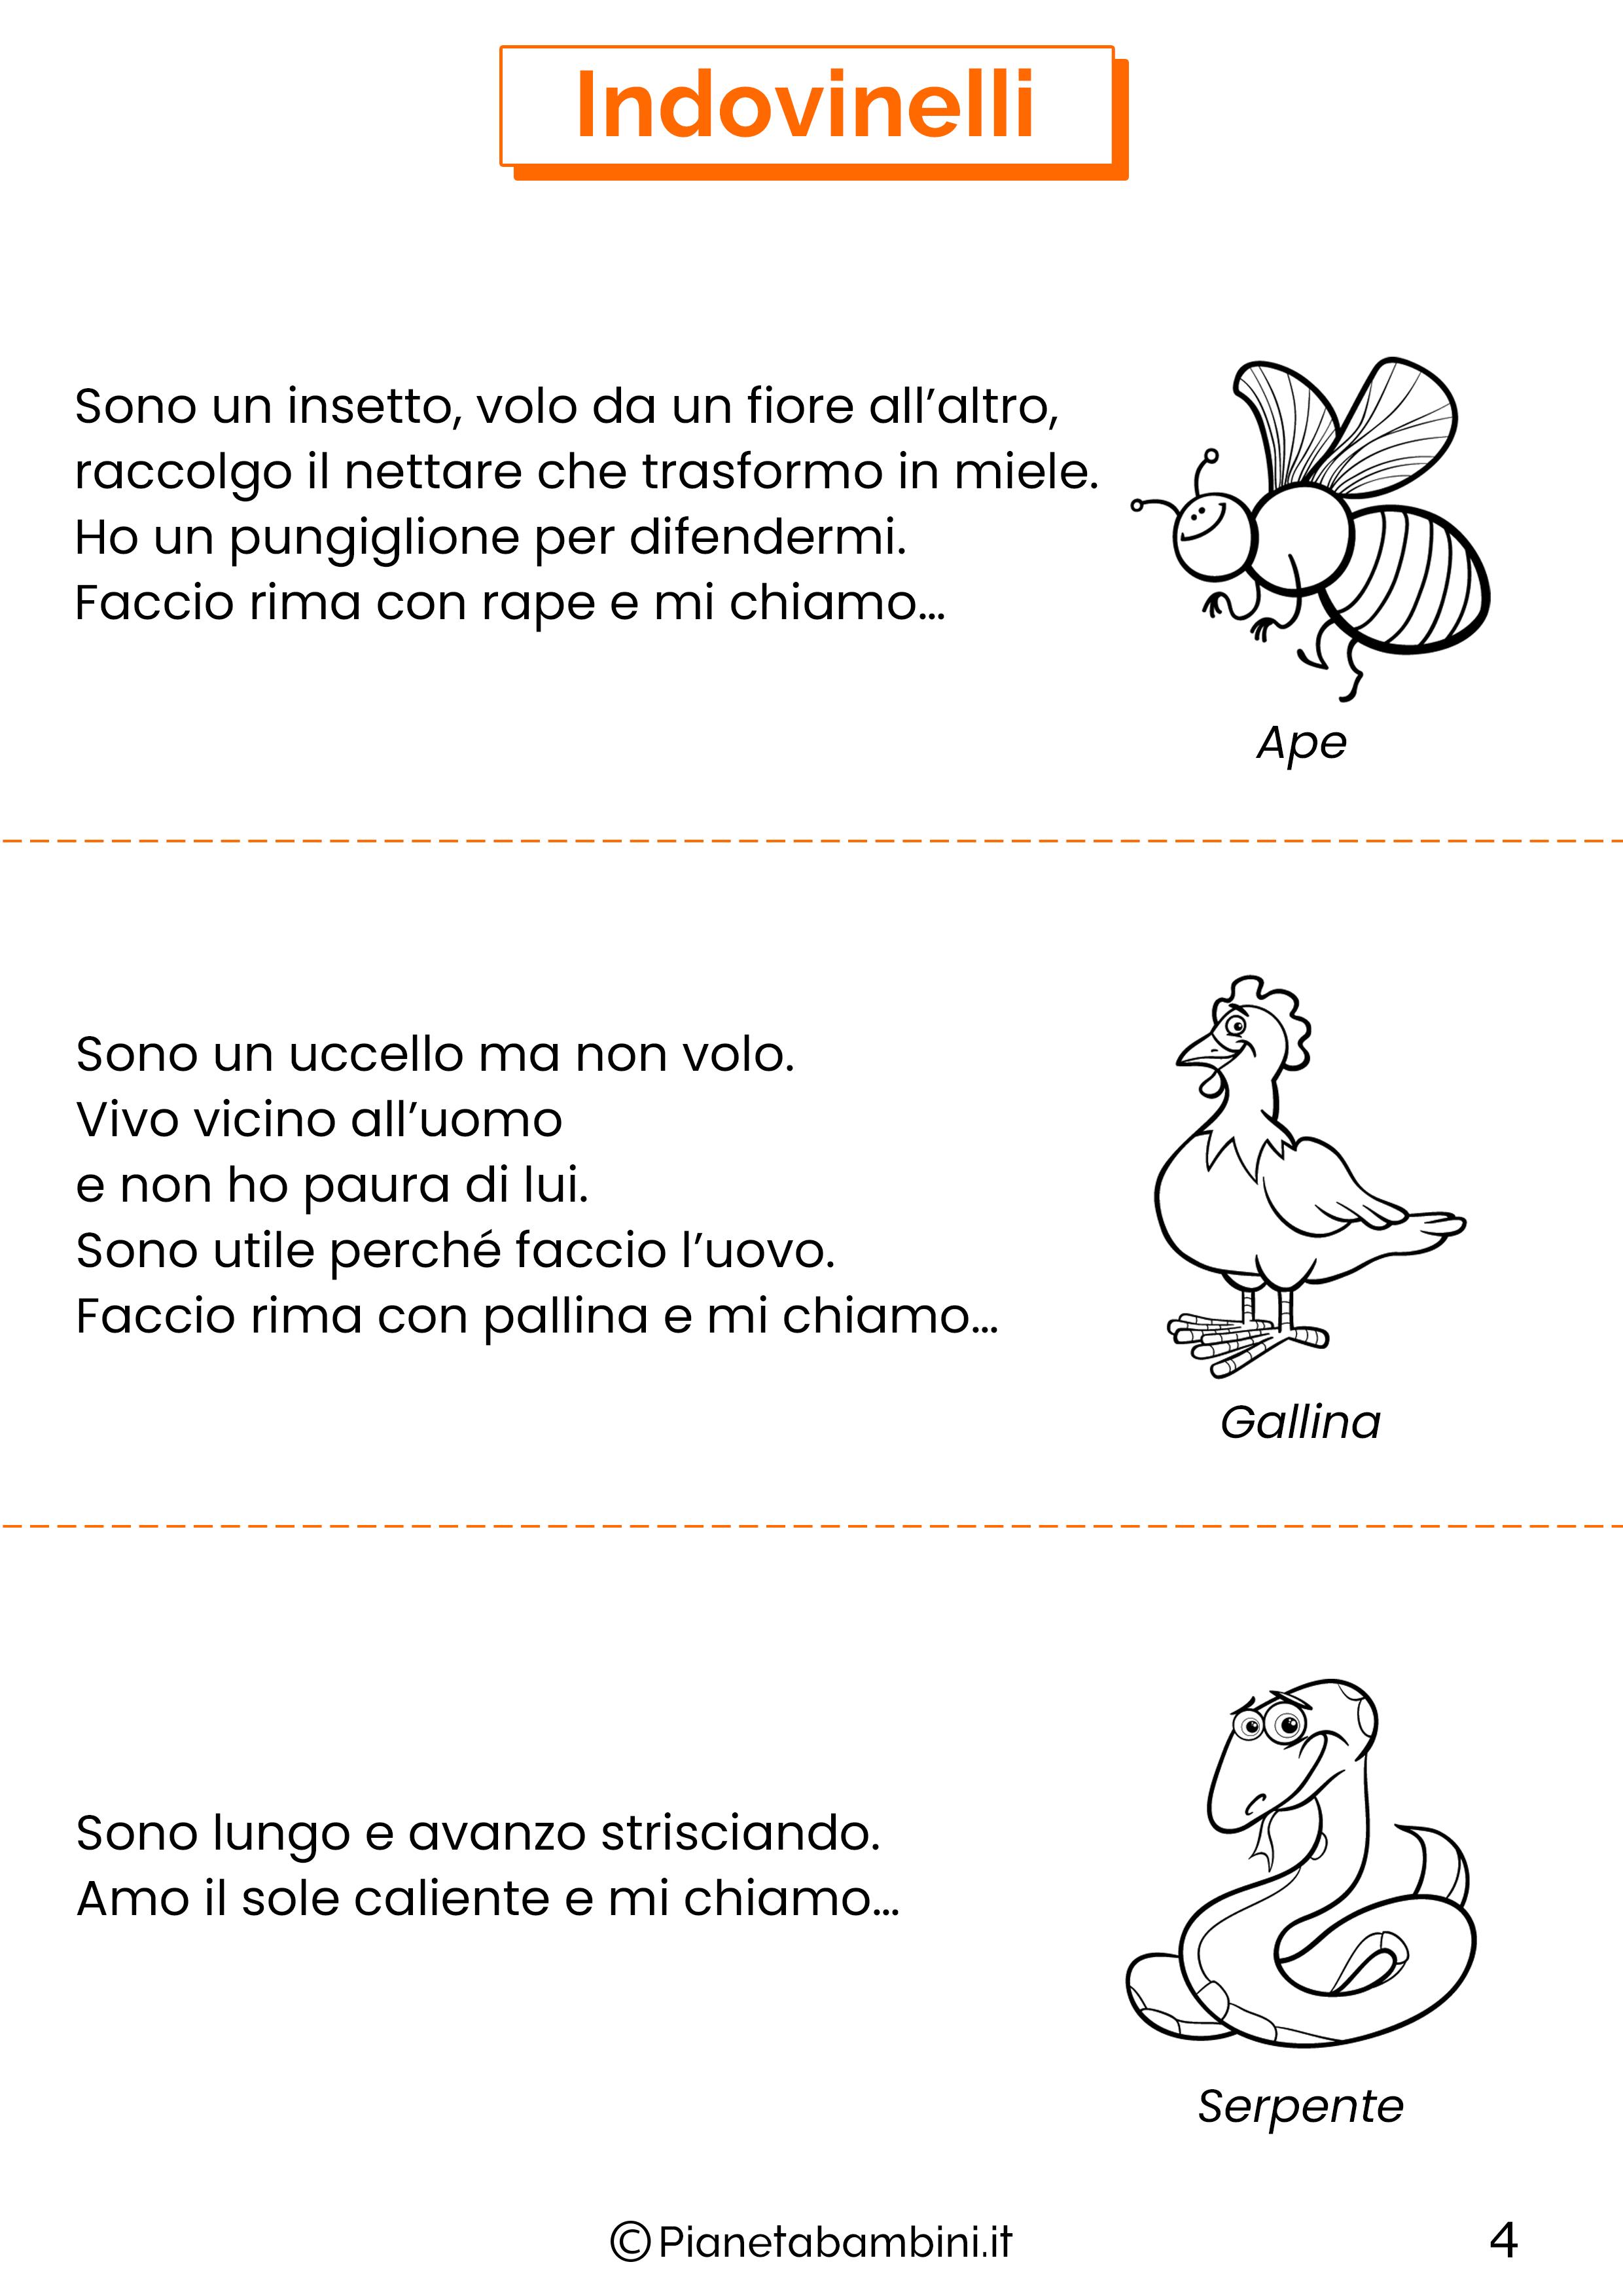 Indovinelli sugli animali per bambini 04